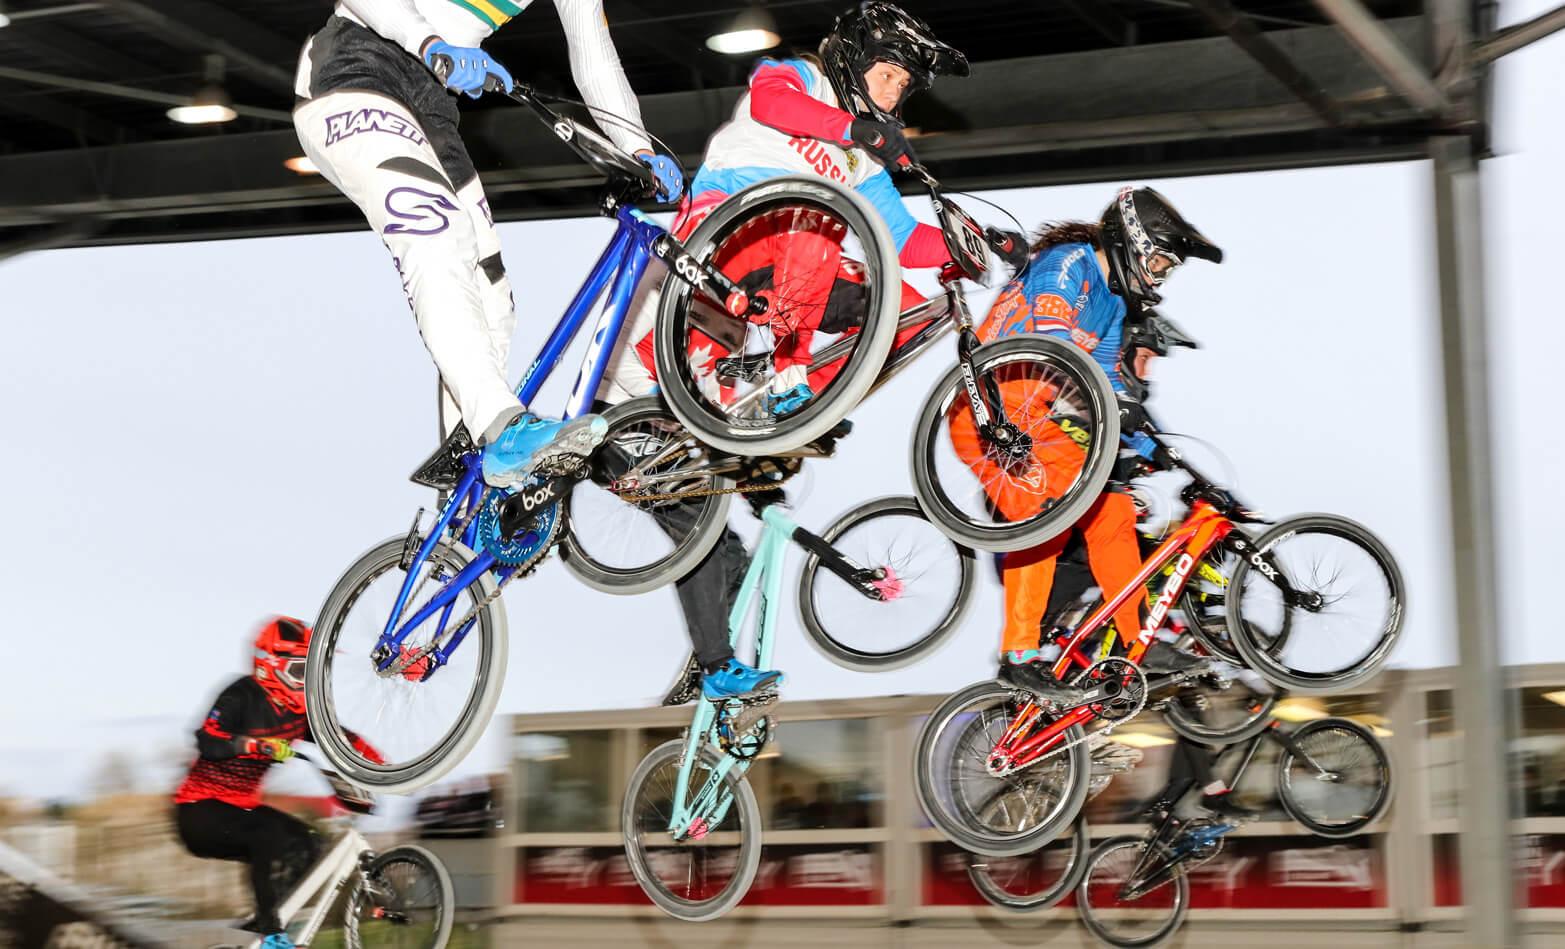 Judy Baauw UCI SX Paris R2 2018 - Fifteen BMX